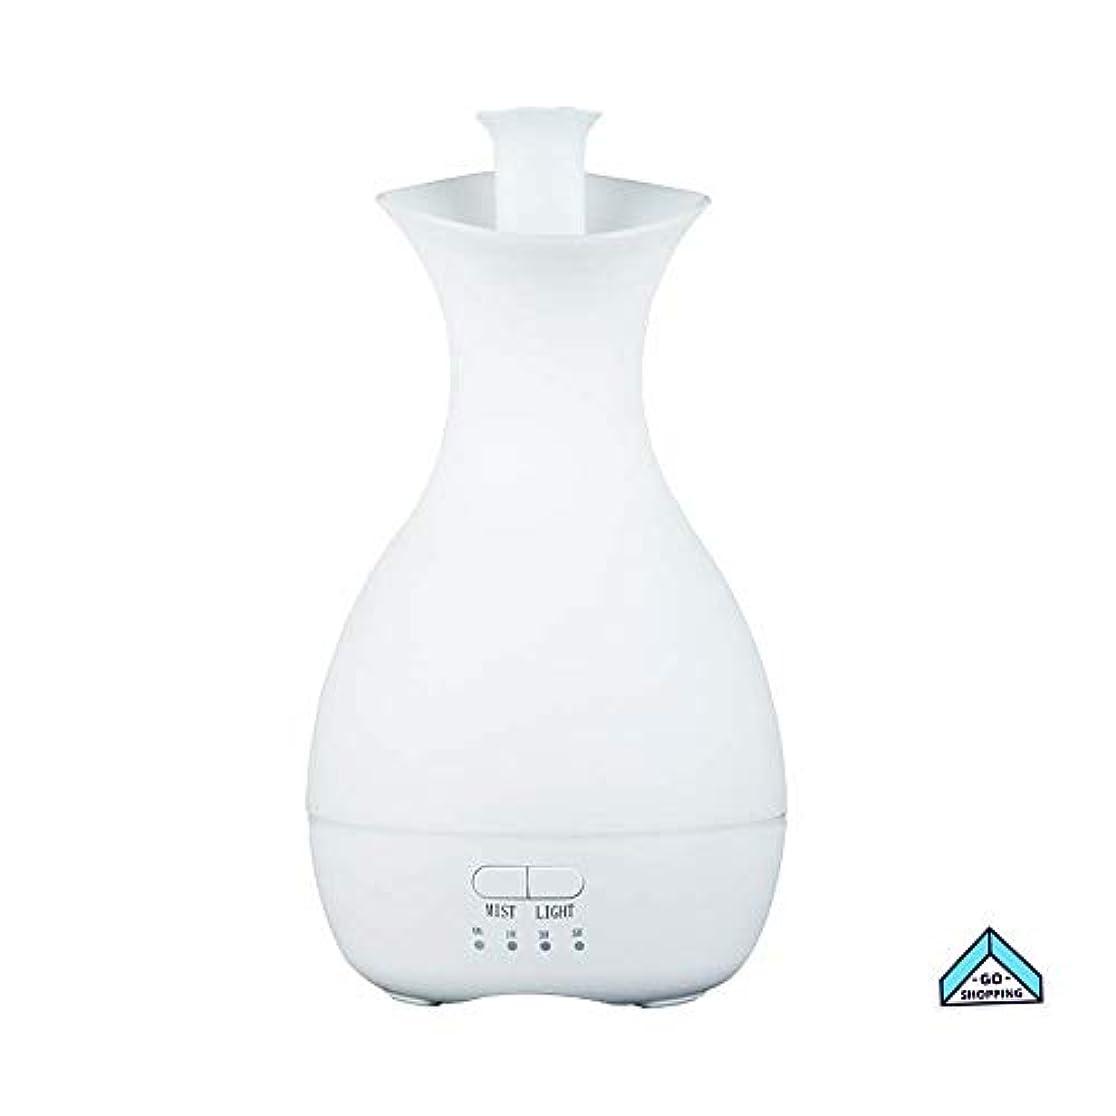 原油絶妙癌NICEE加湿器、花瓶カラフルなナイトライトアロマセラピーホームノイズのないタイミングホームベッドルーム、ヨガ用大容量NICEY